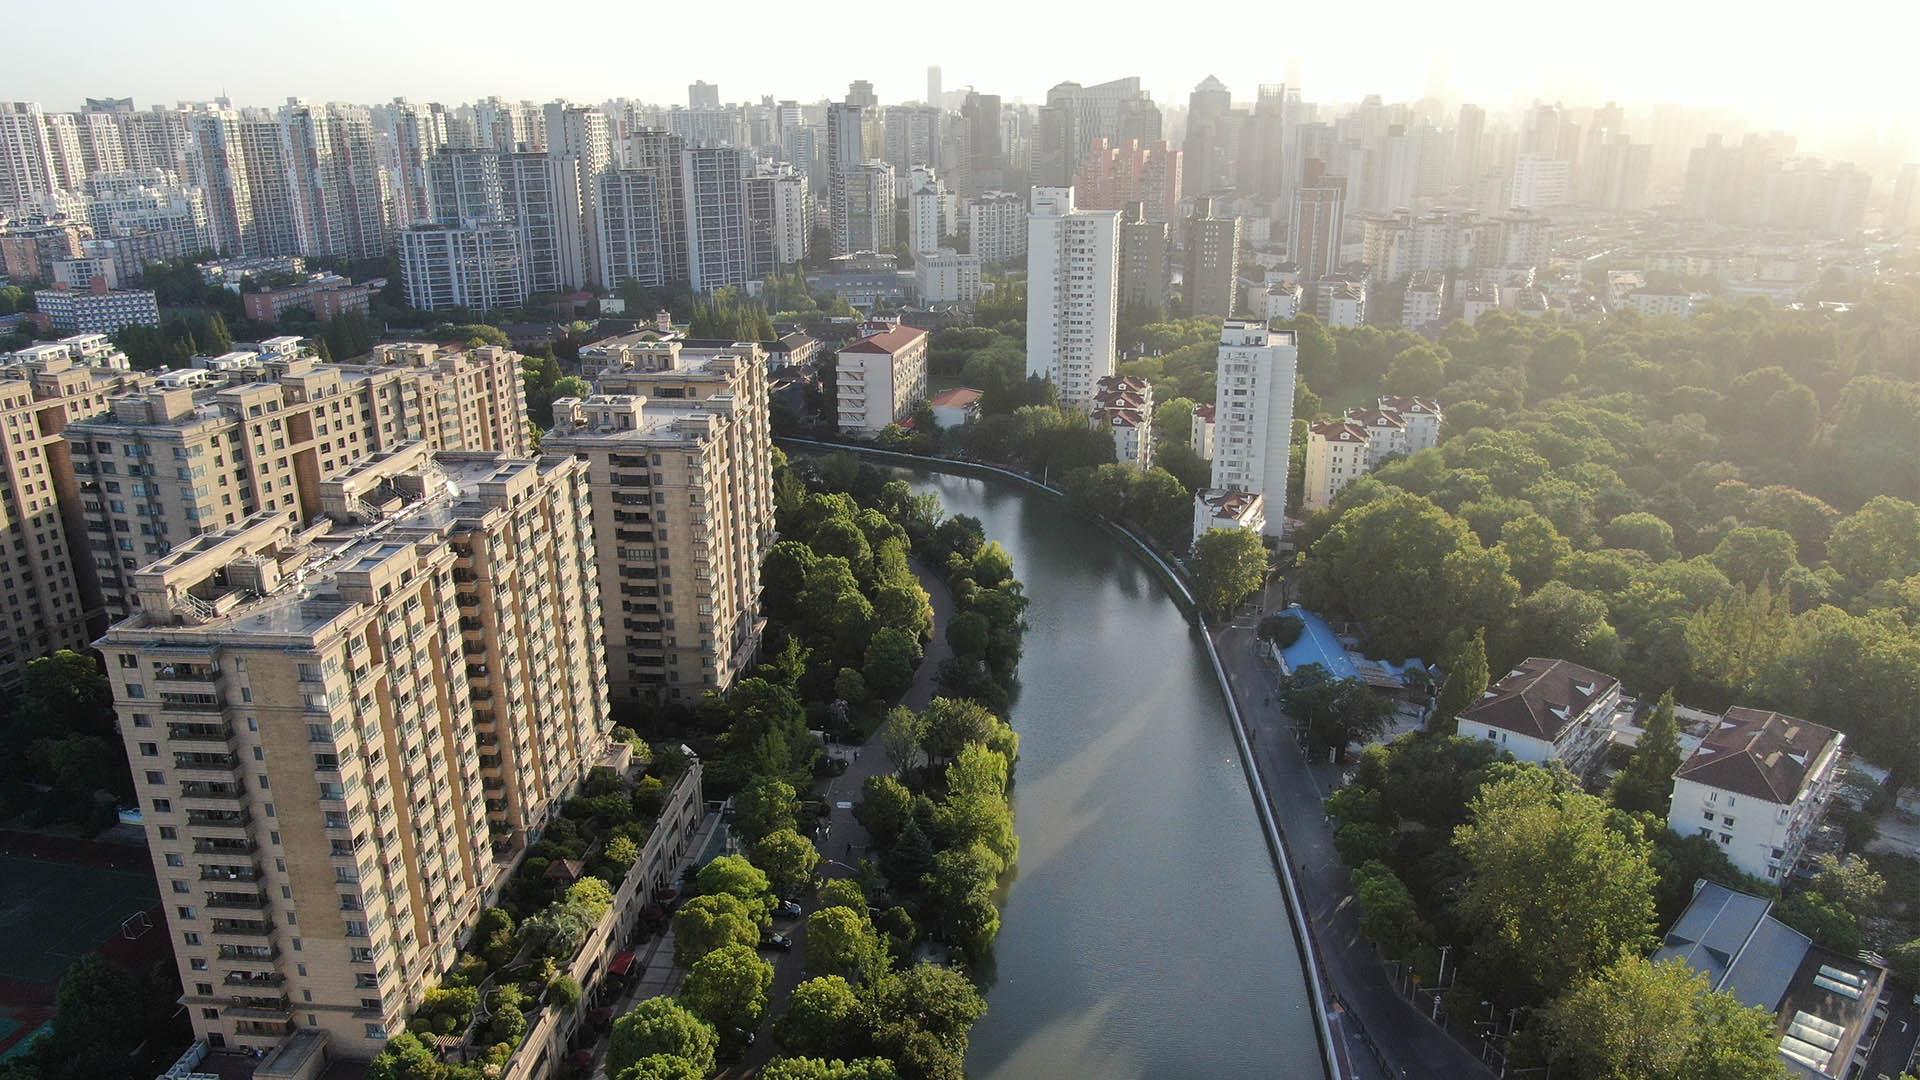 48 hours in Shanghai